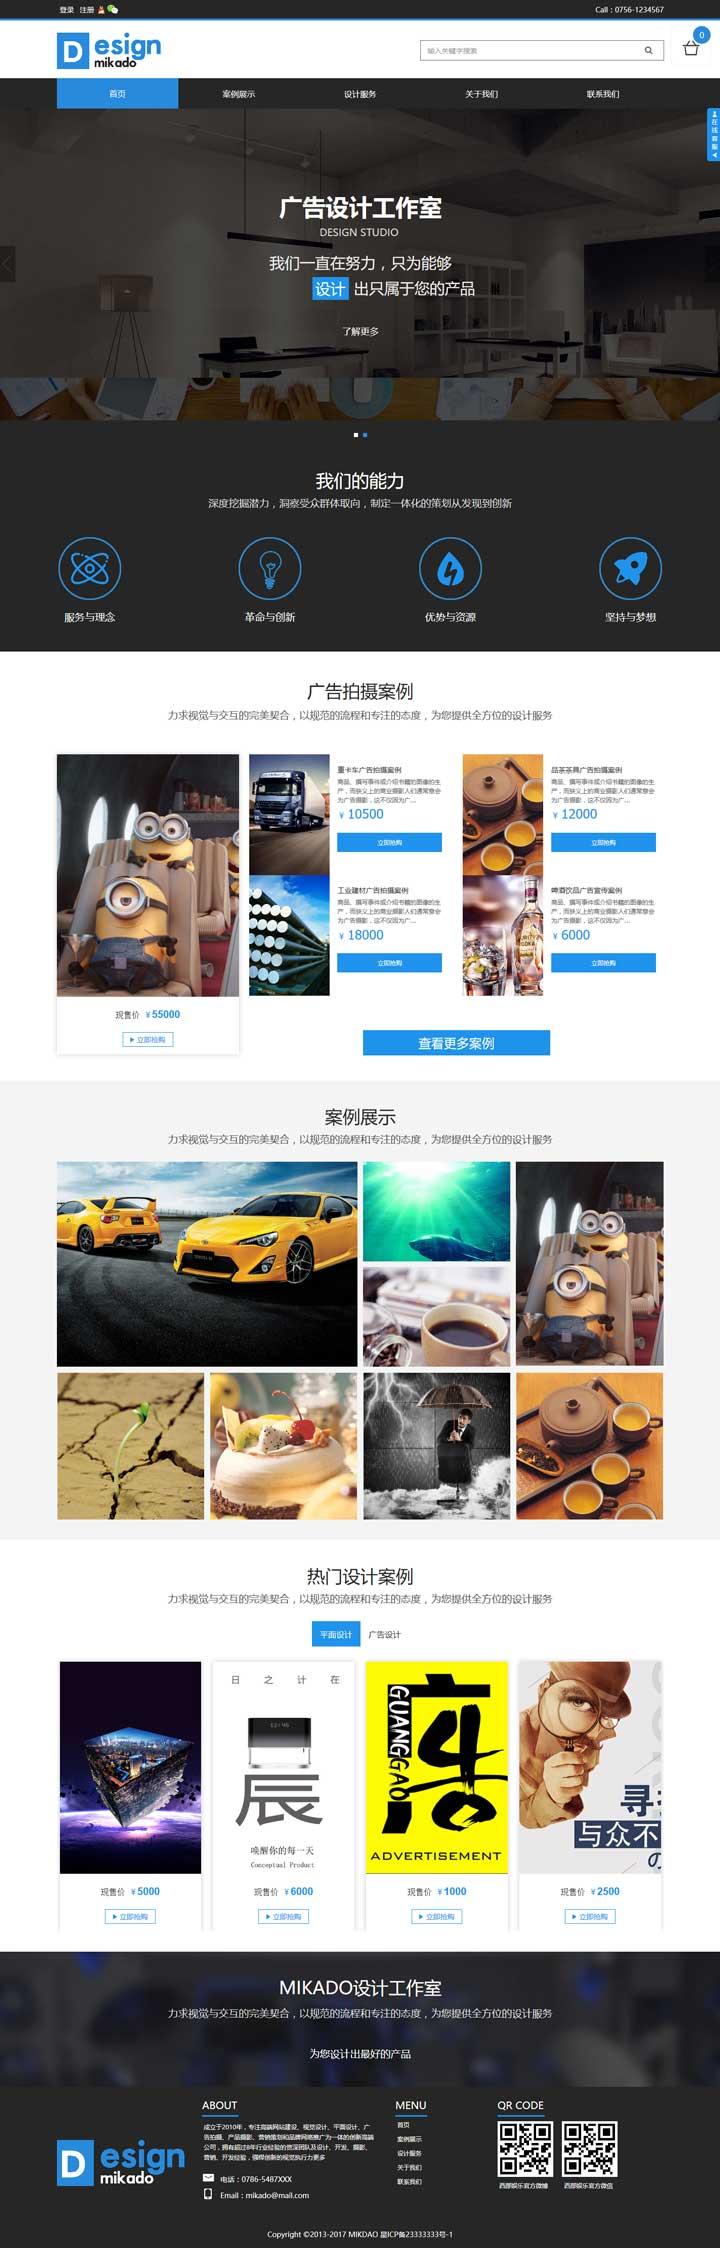 Design广告设计商城模板